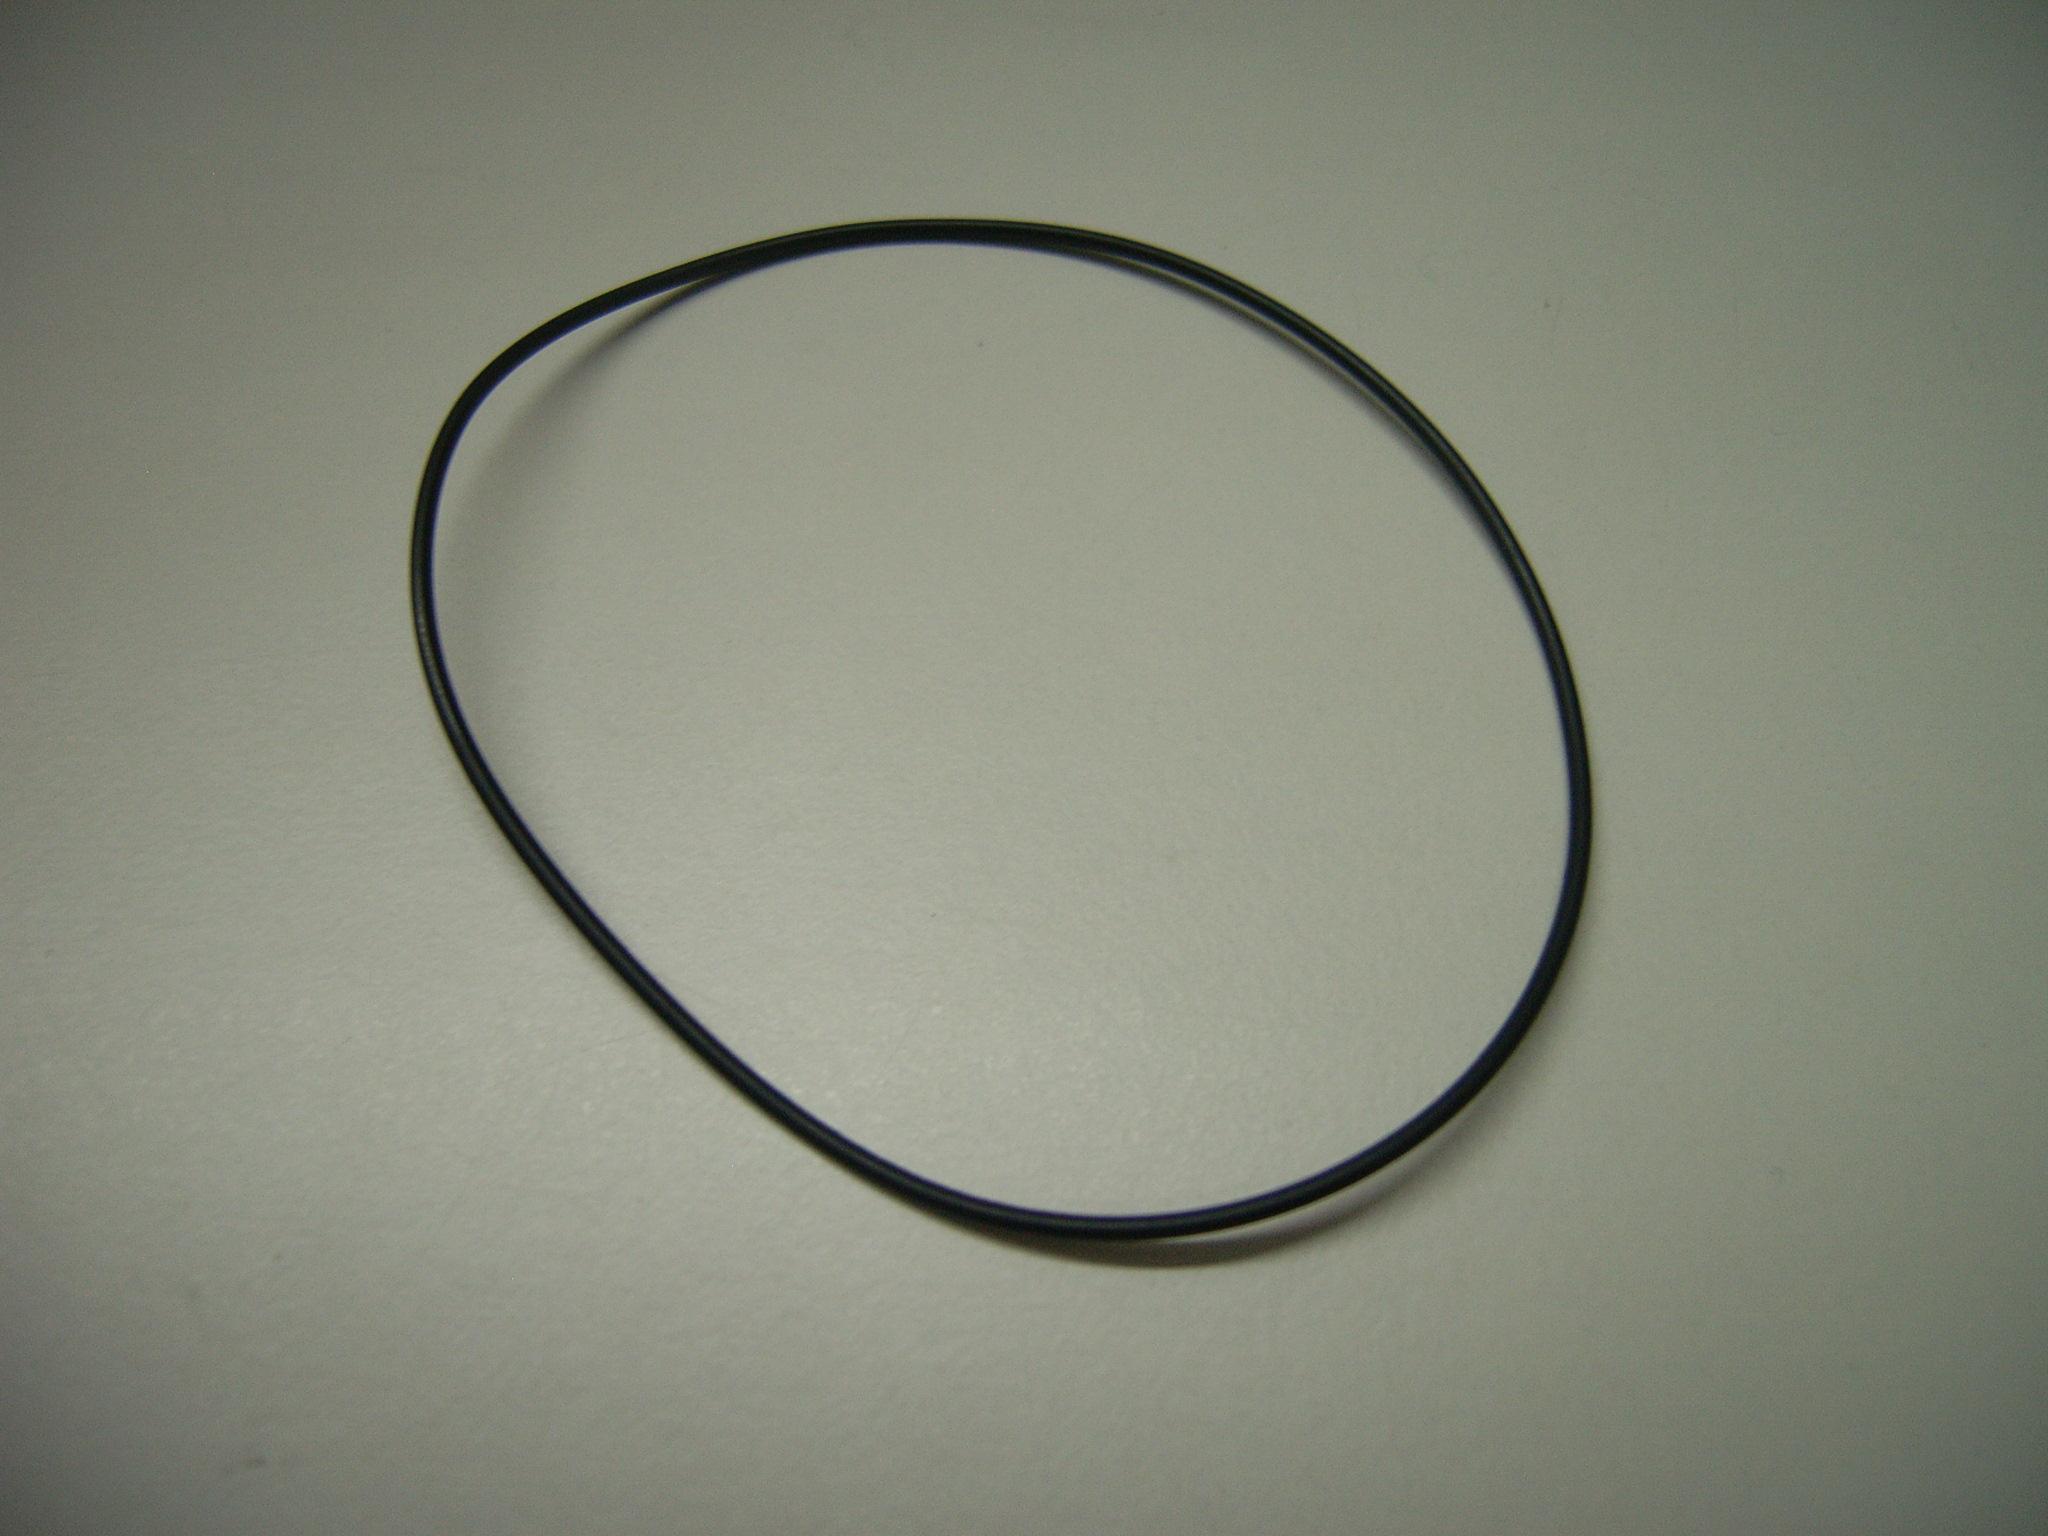 Ersatz O-Ring für SiTech Antares schwarz